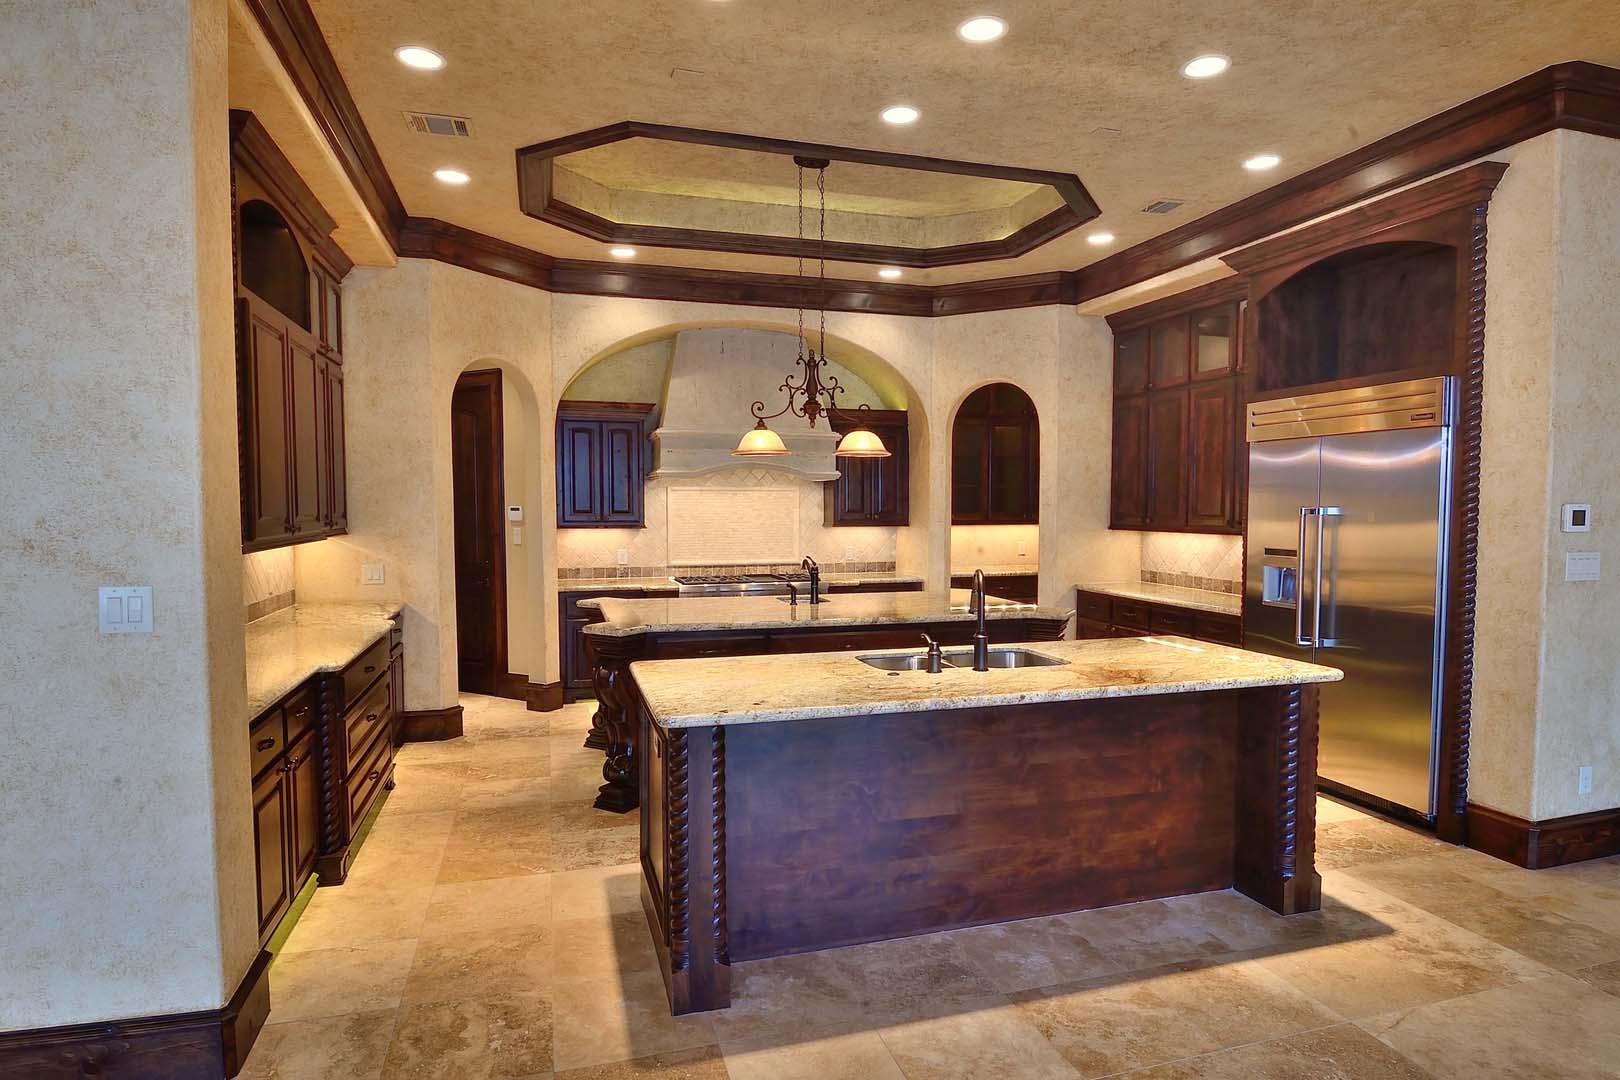 kitchen_17_TL2.jpg